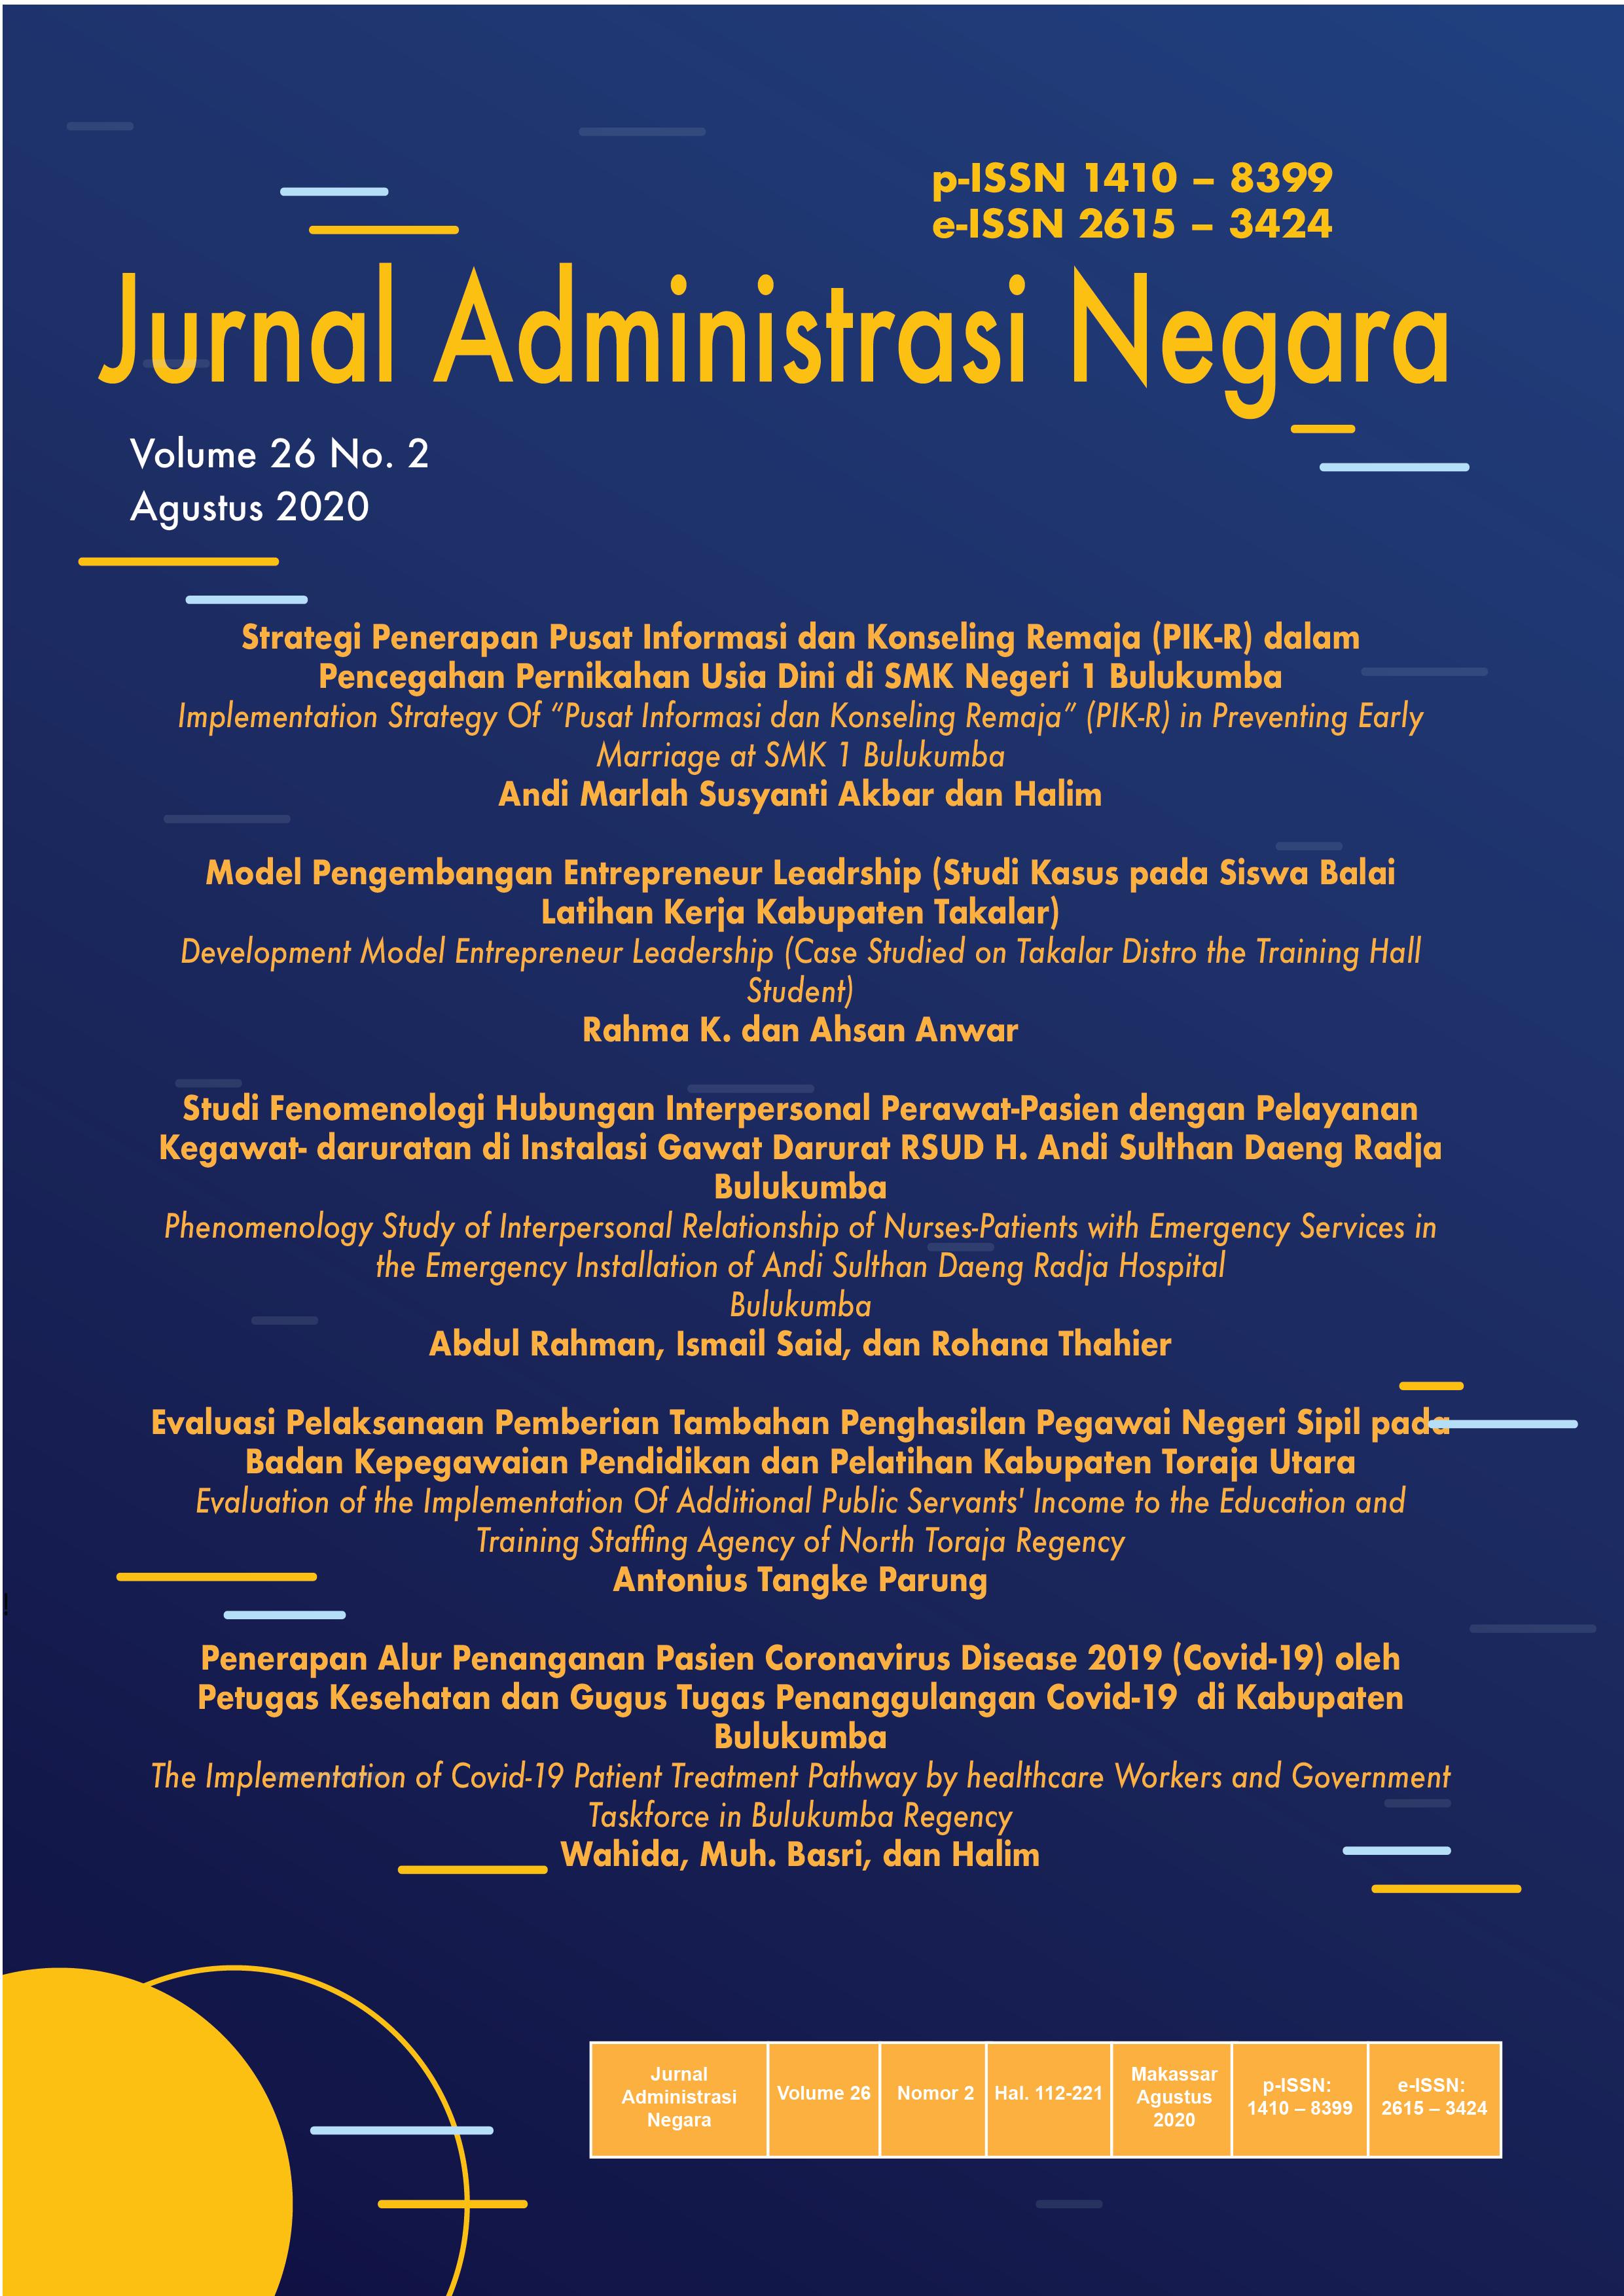 Skripsi Jurusan Administrasi Negara Terbaru